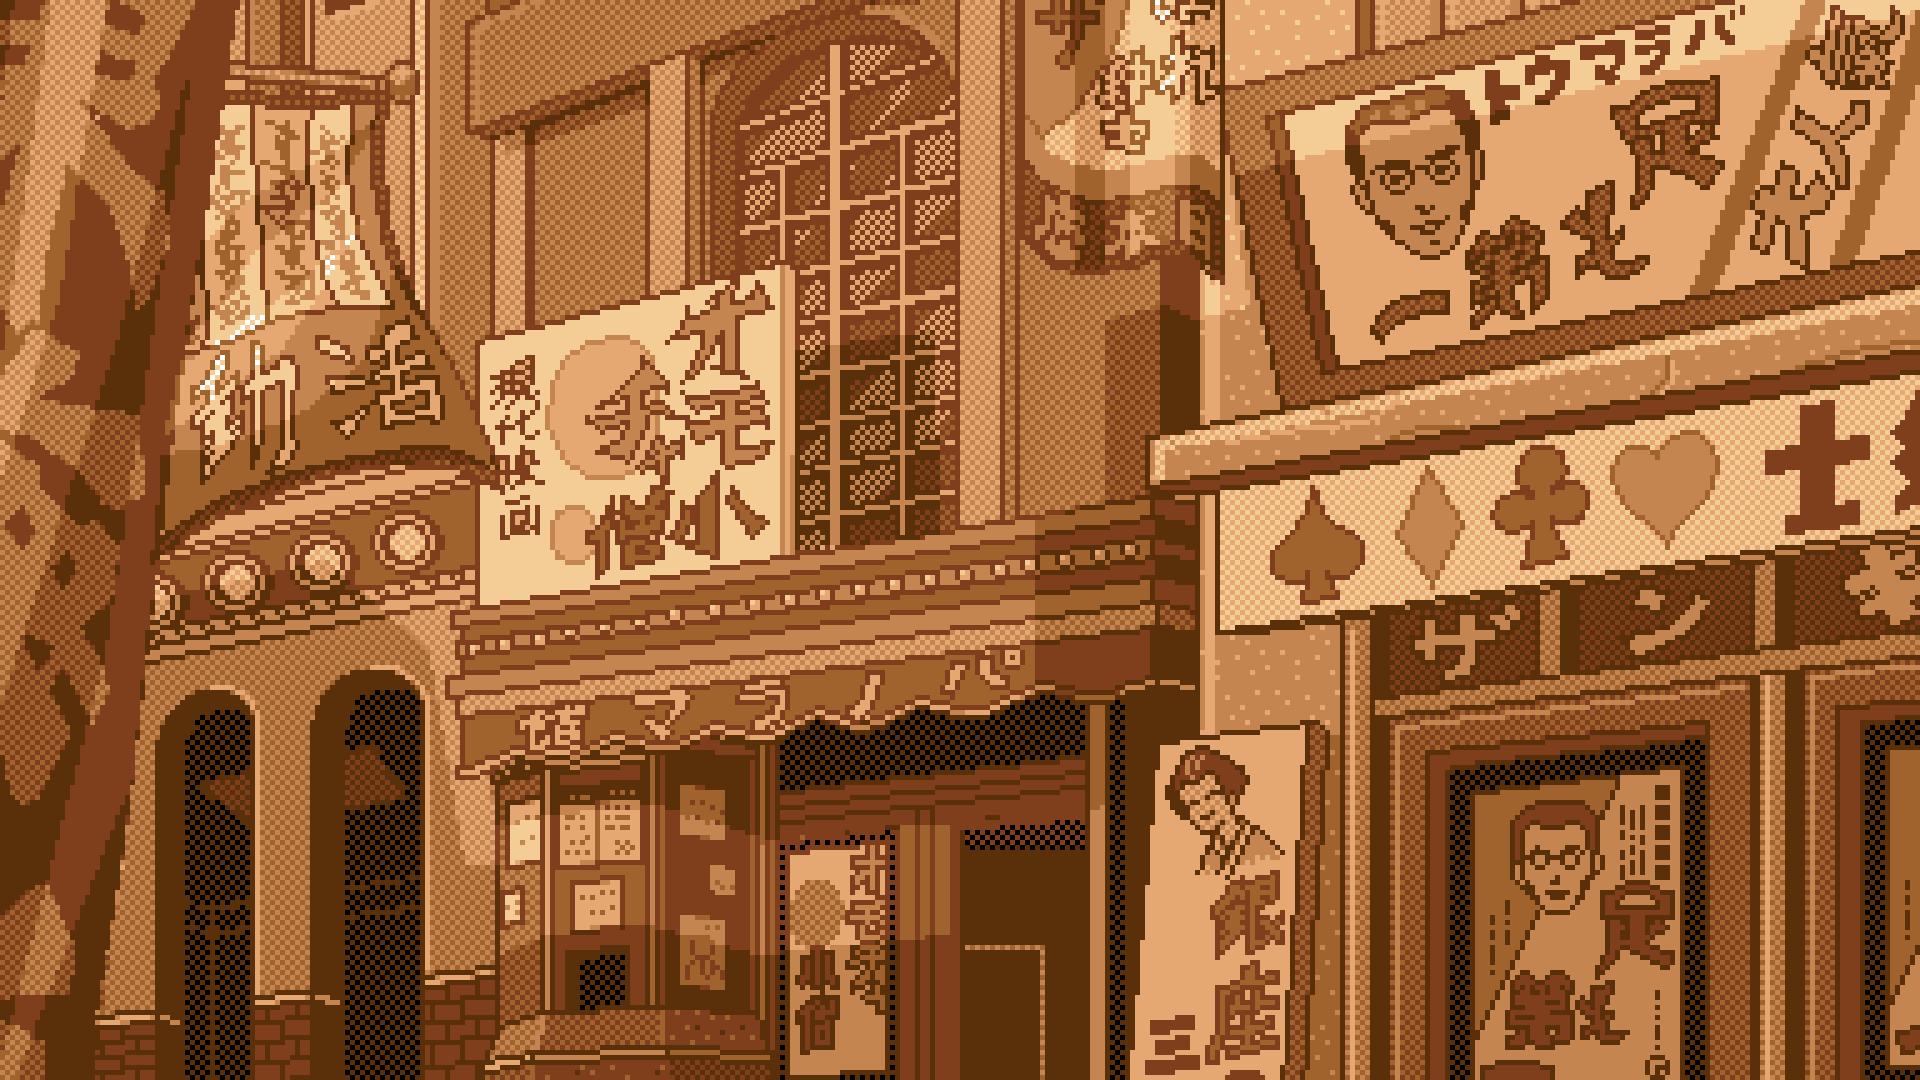 General 1920x1080 digital art pixel art pixelated pixels sepia building Asian